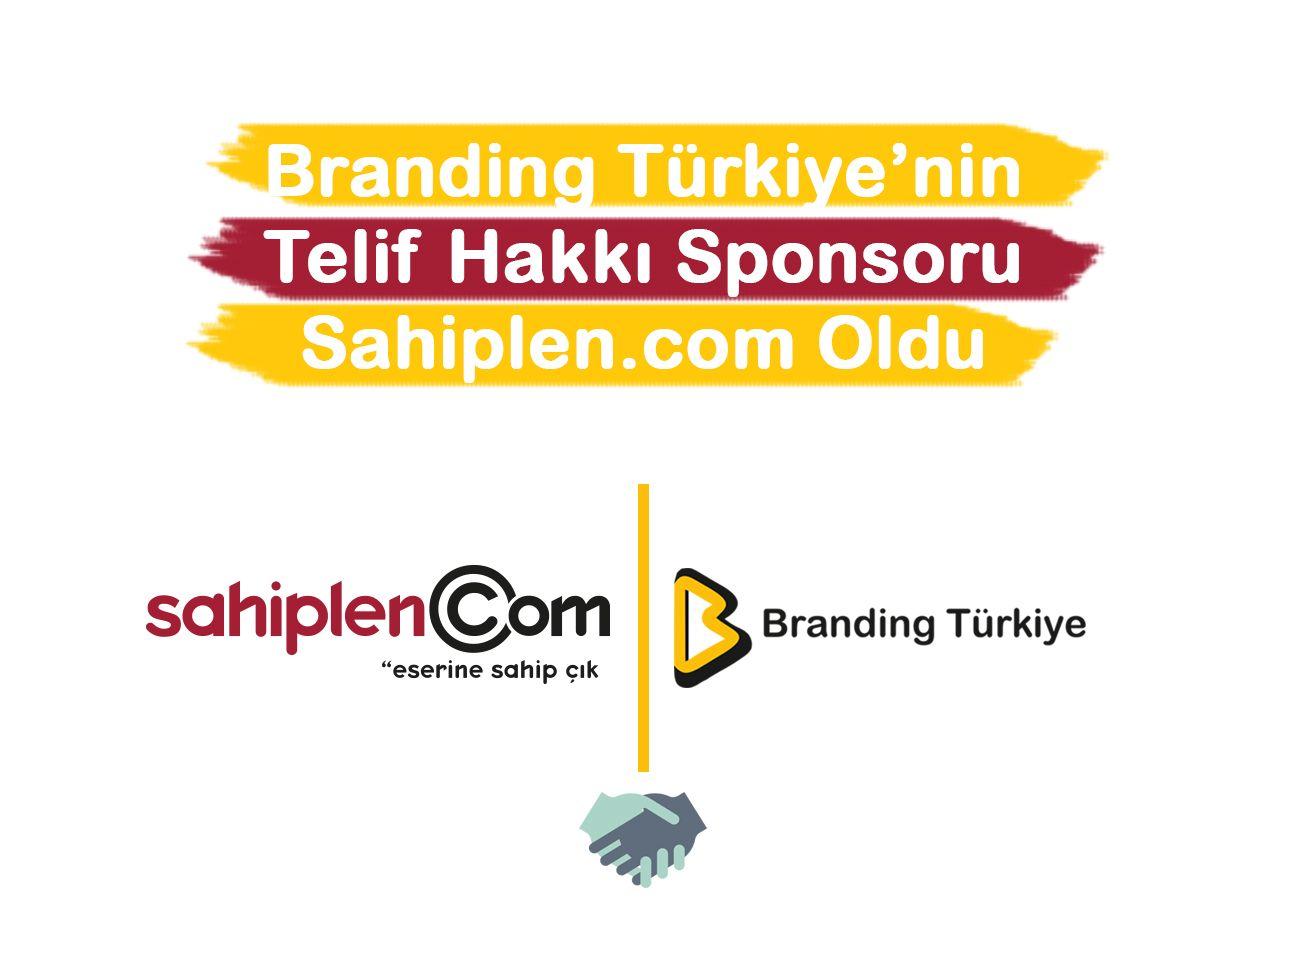 Branding Türkiye'nin Telif Hakkı Sponsoru Sahiplen.com Oldu